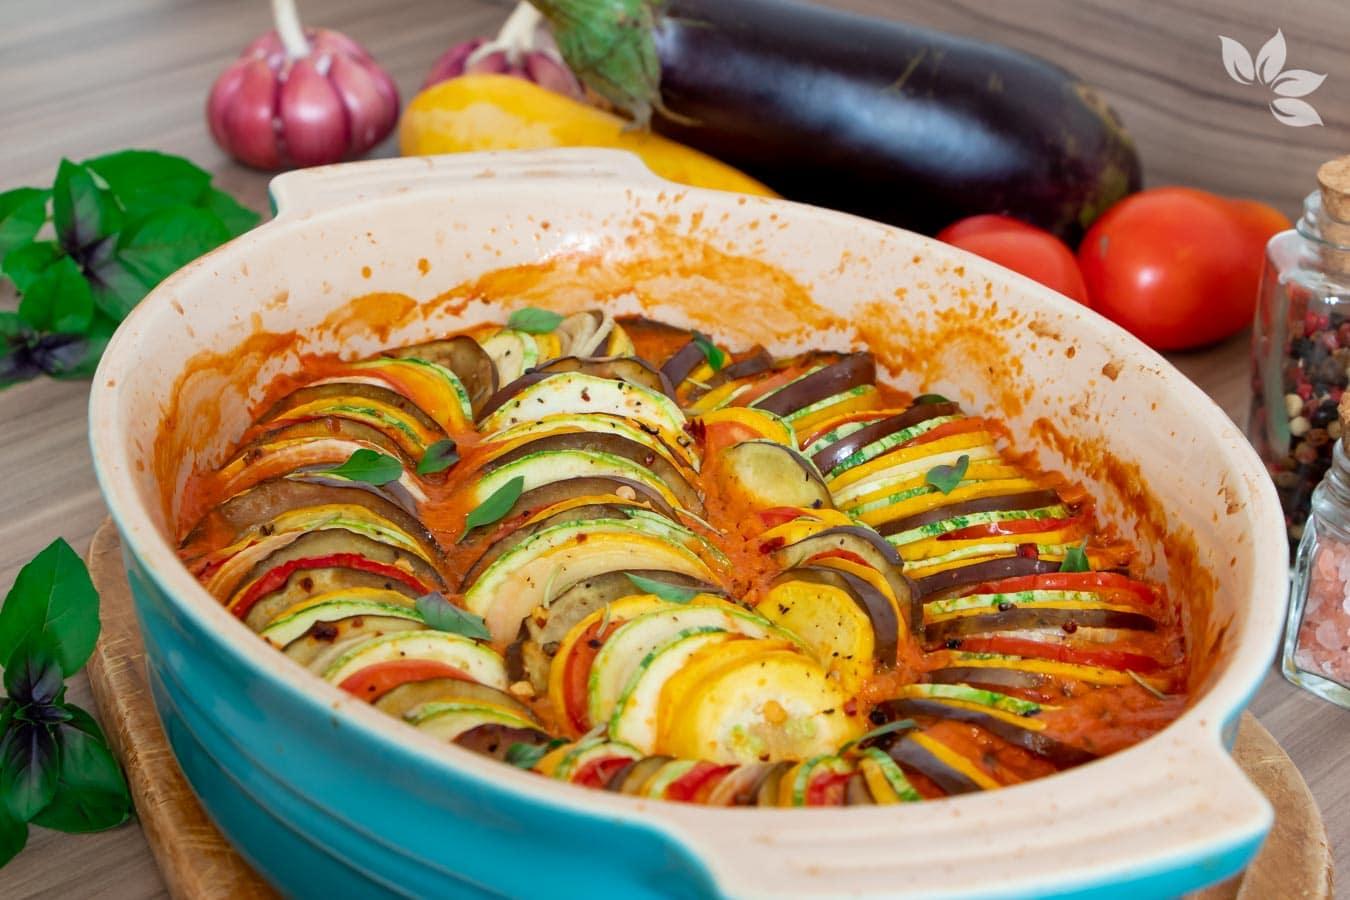 Receita de Ratatouille - legumes assados com molho de tomate.